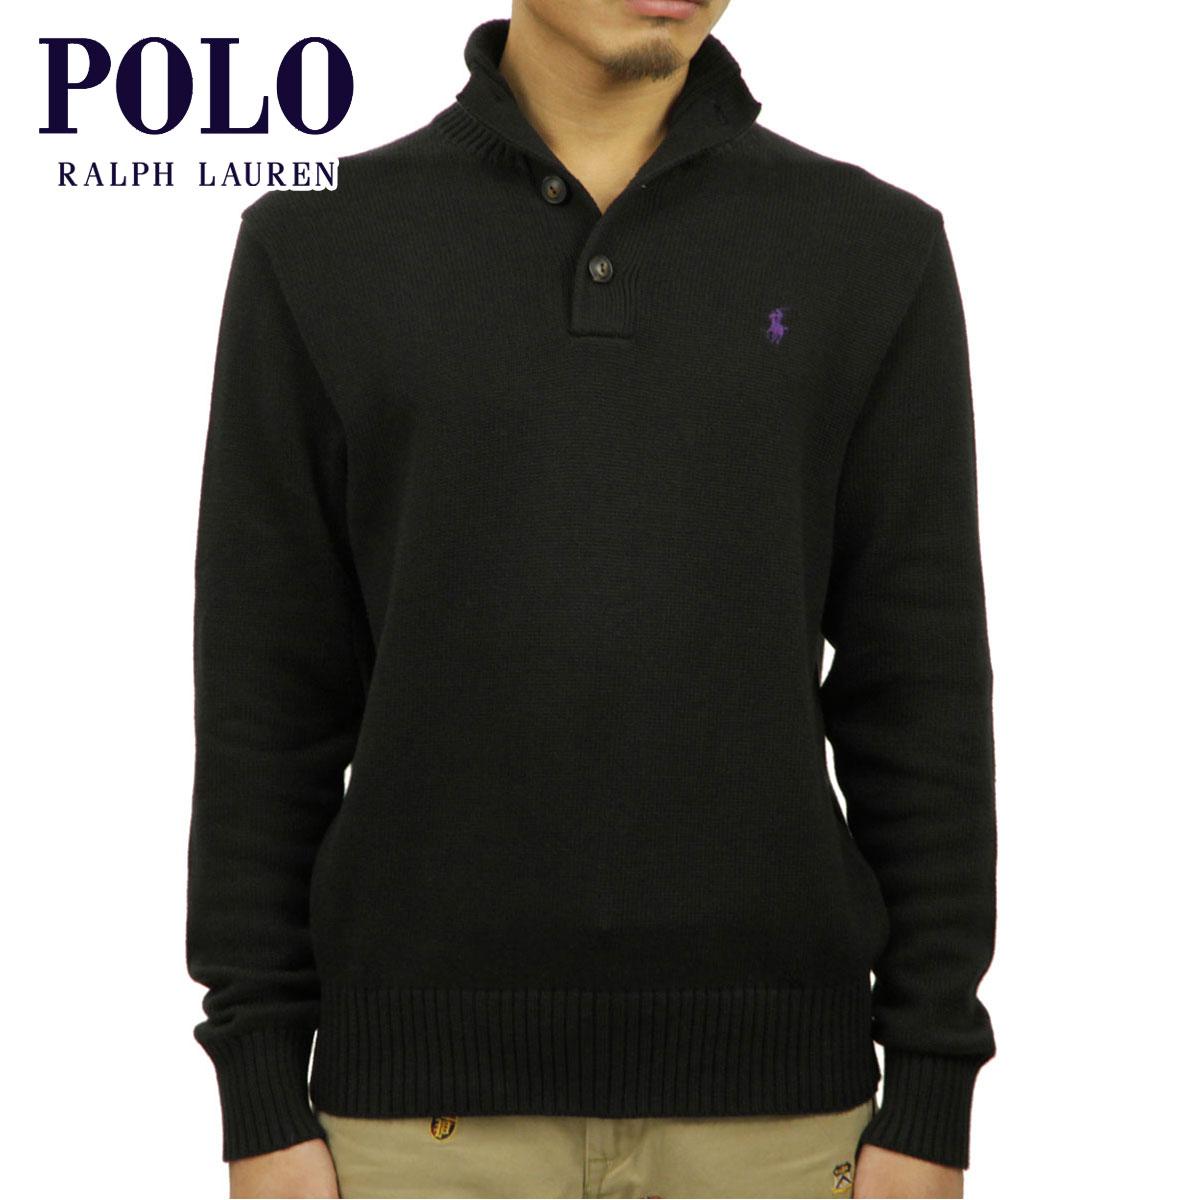 ポロ ラルフローレン POLO RALPH LAUREN 正規品 メンズ セーター COTTON MOCKNECK SWEATER D00S20